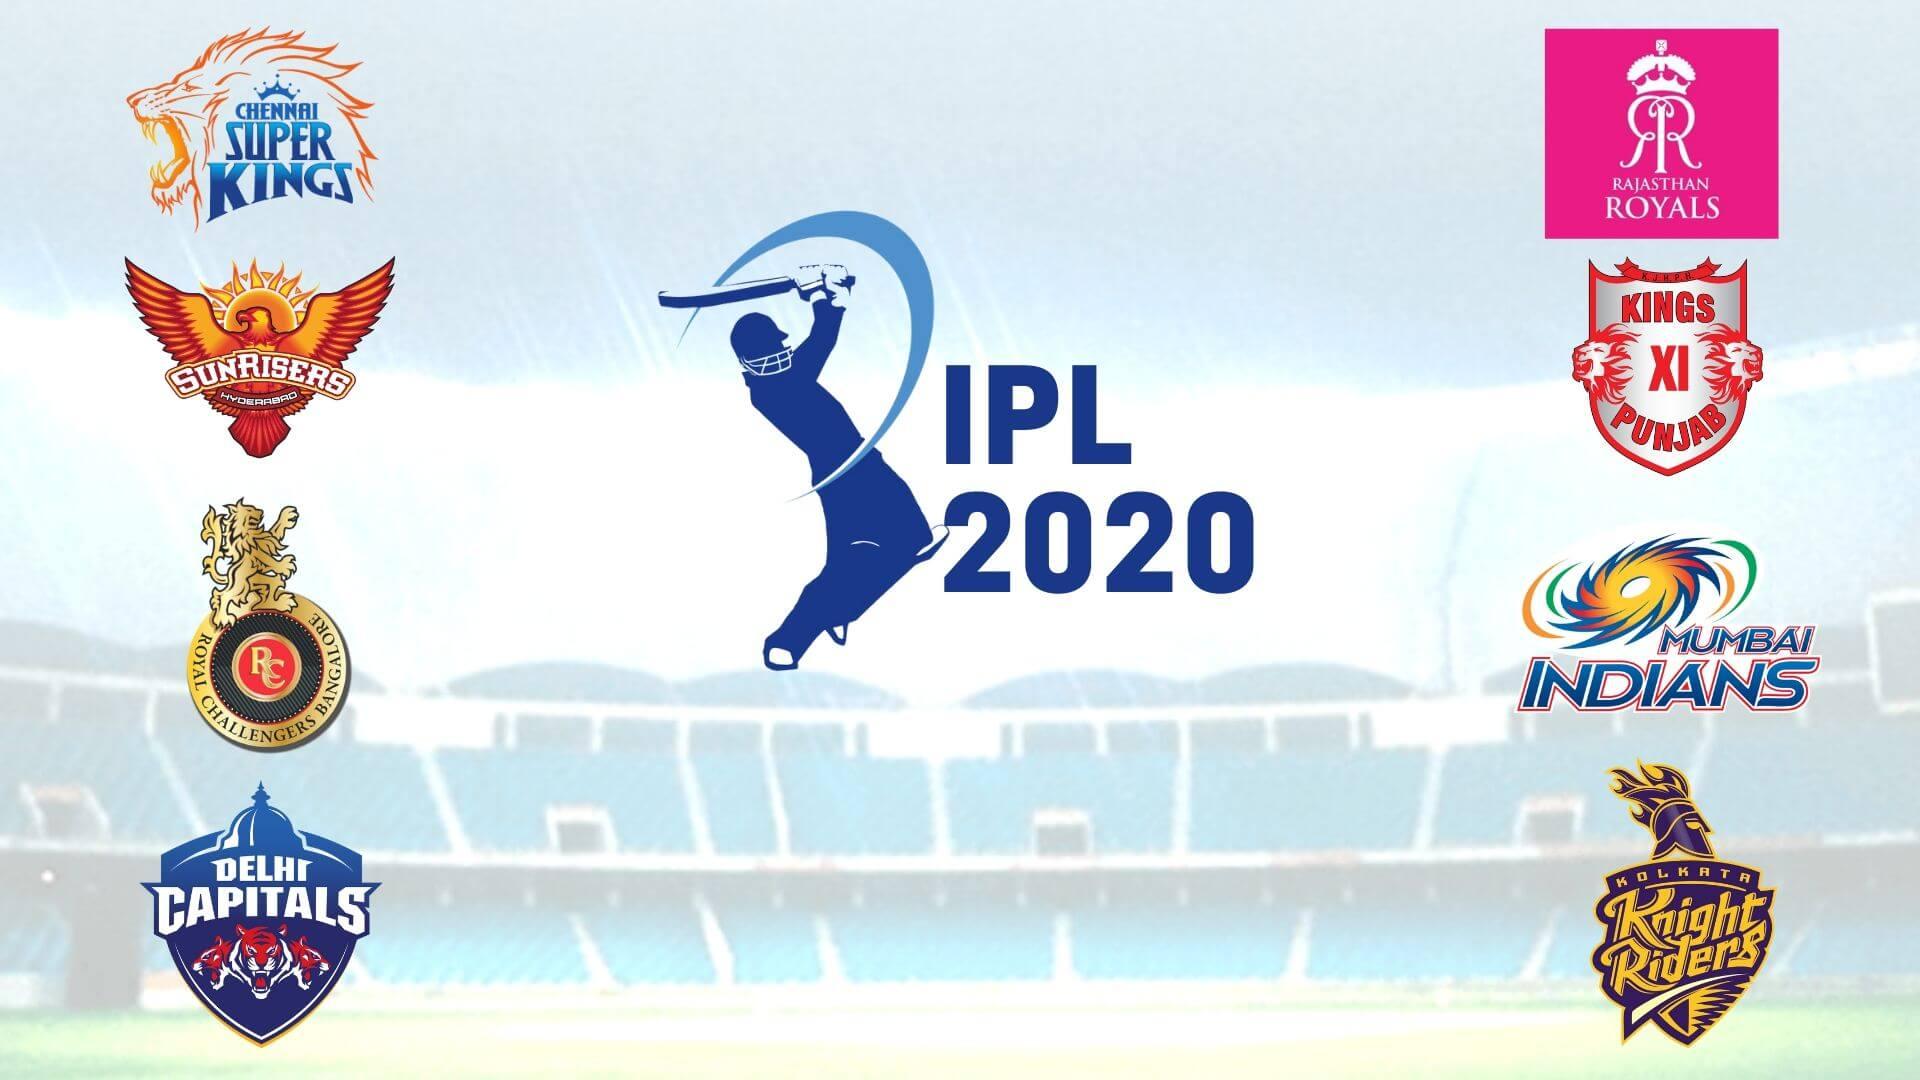 UAE और श्रीलंका को छोड़ इस देश में कराया जा सकता है आईपीएल 2020 का आयोजन, बीसीसीआई ने दिया संकेत 1